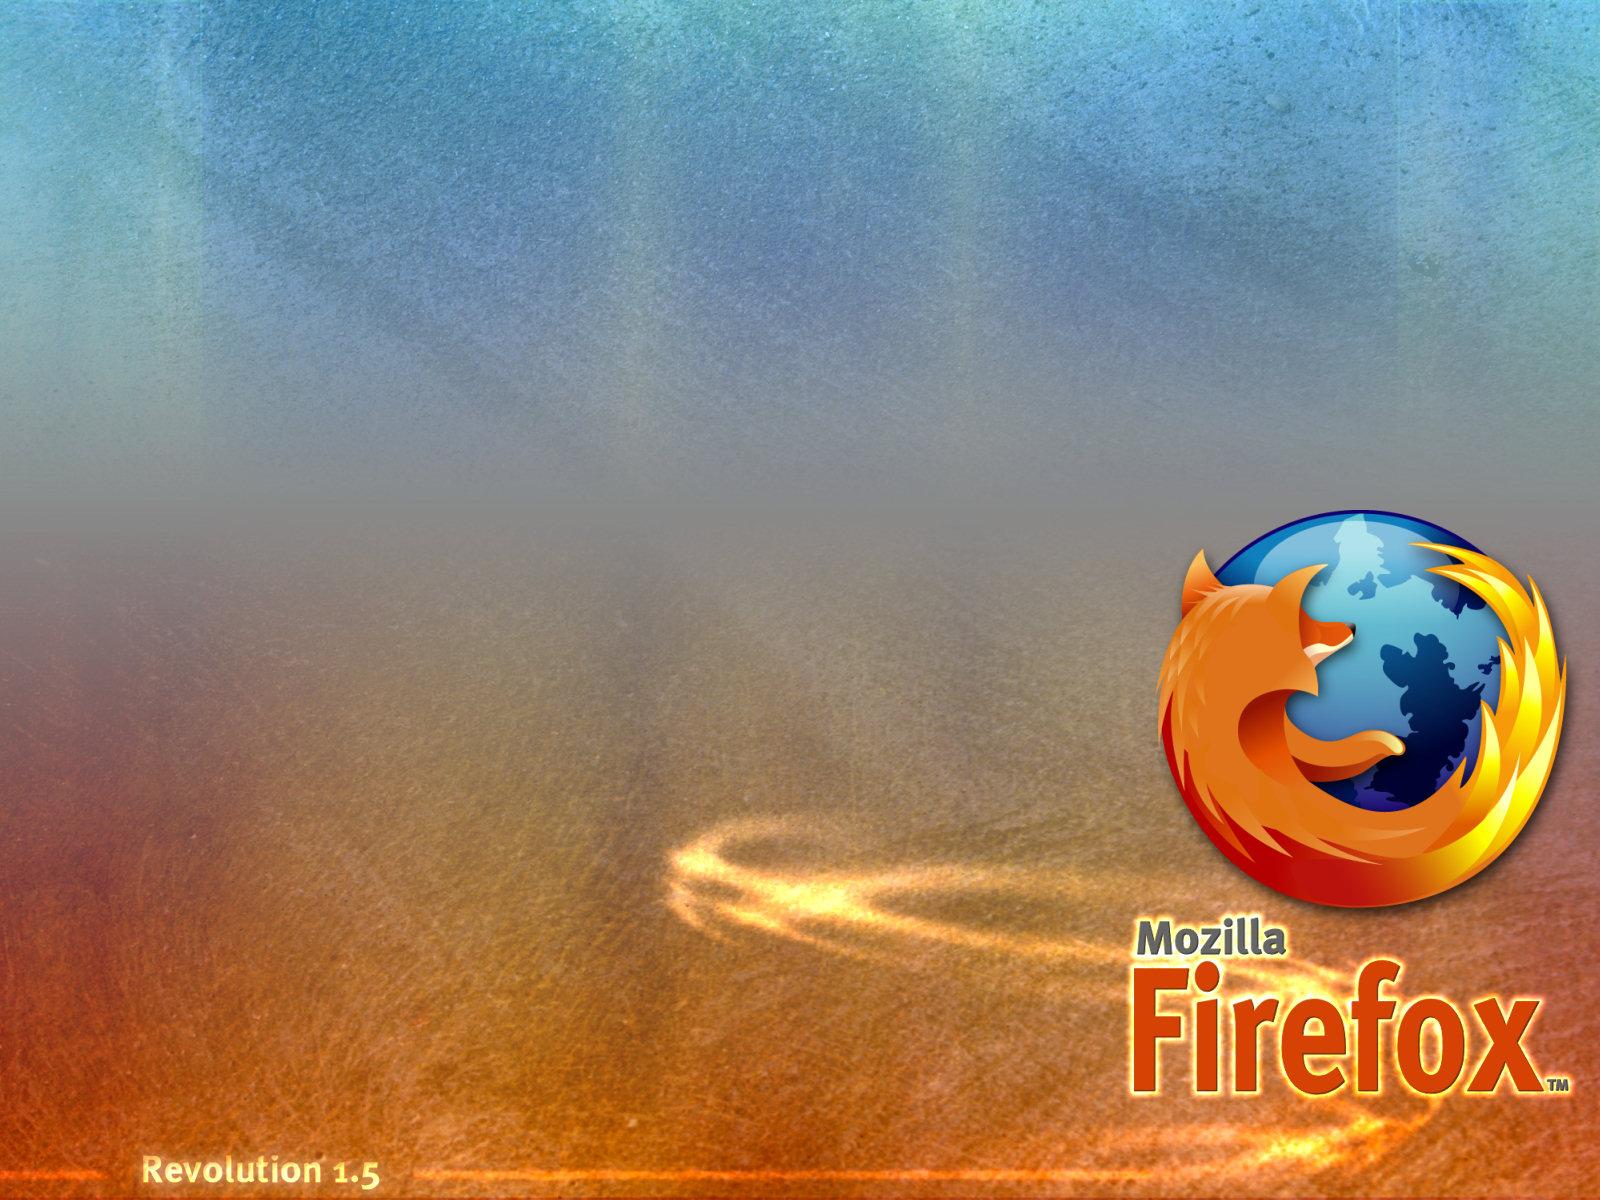 http://1.bp.blogspot.com/-0lfD3ASkL0U/Tgm6mgNj-RI/AAAAAAAAA-o/JBU8mpUfBw4/s1600/firefox1%2Bby%2Bwww.bdtvstar.com%2B%252840%2529.jpg